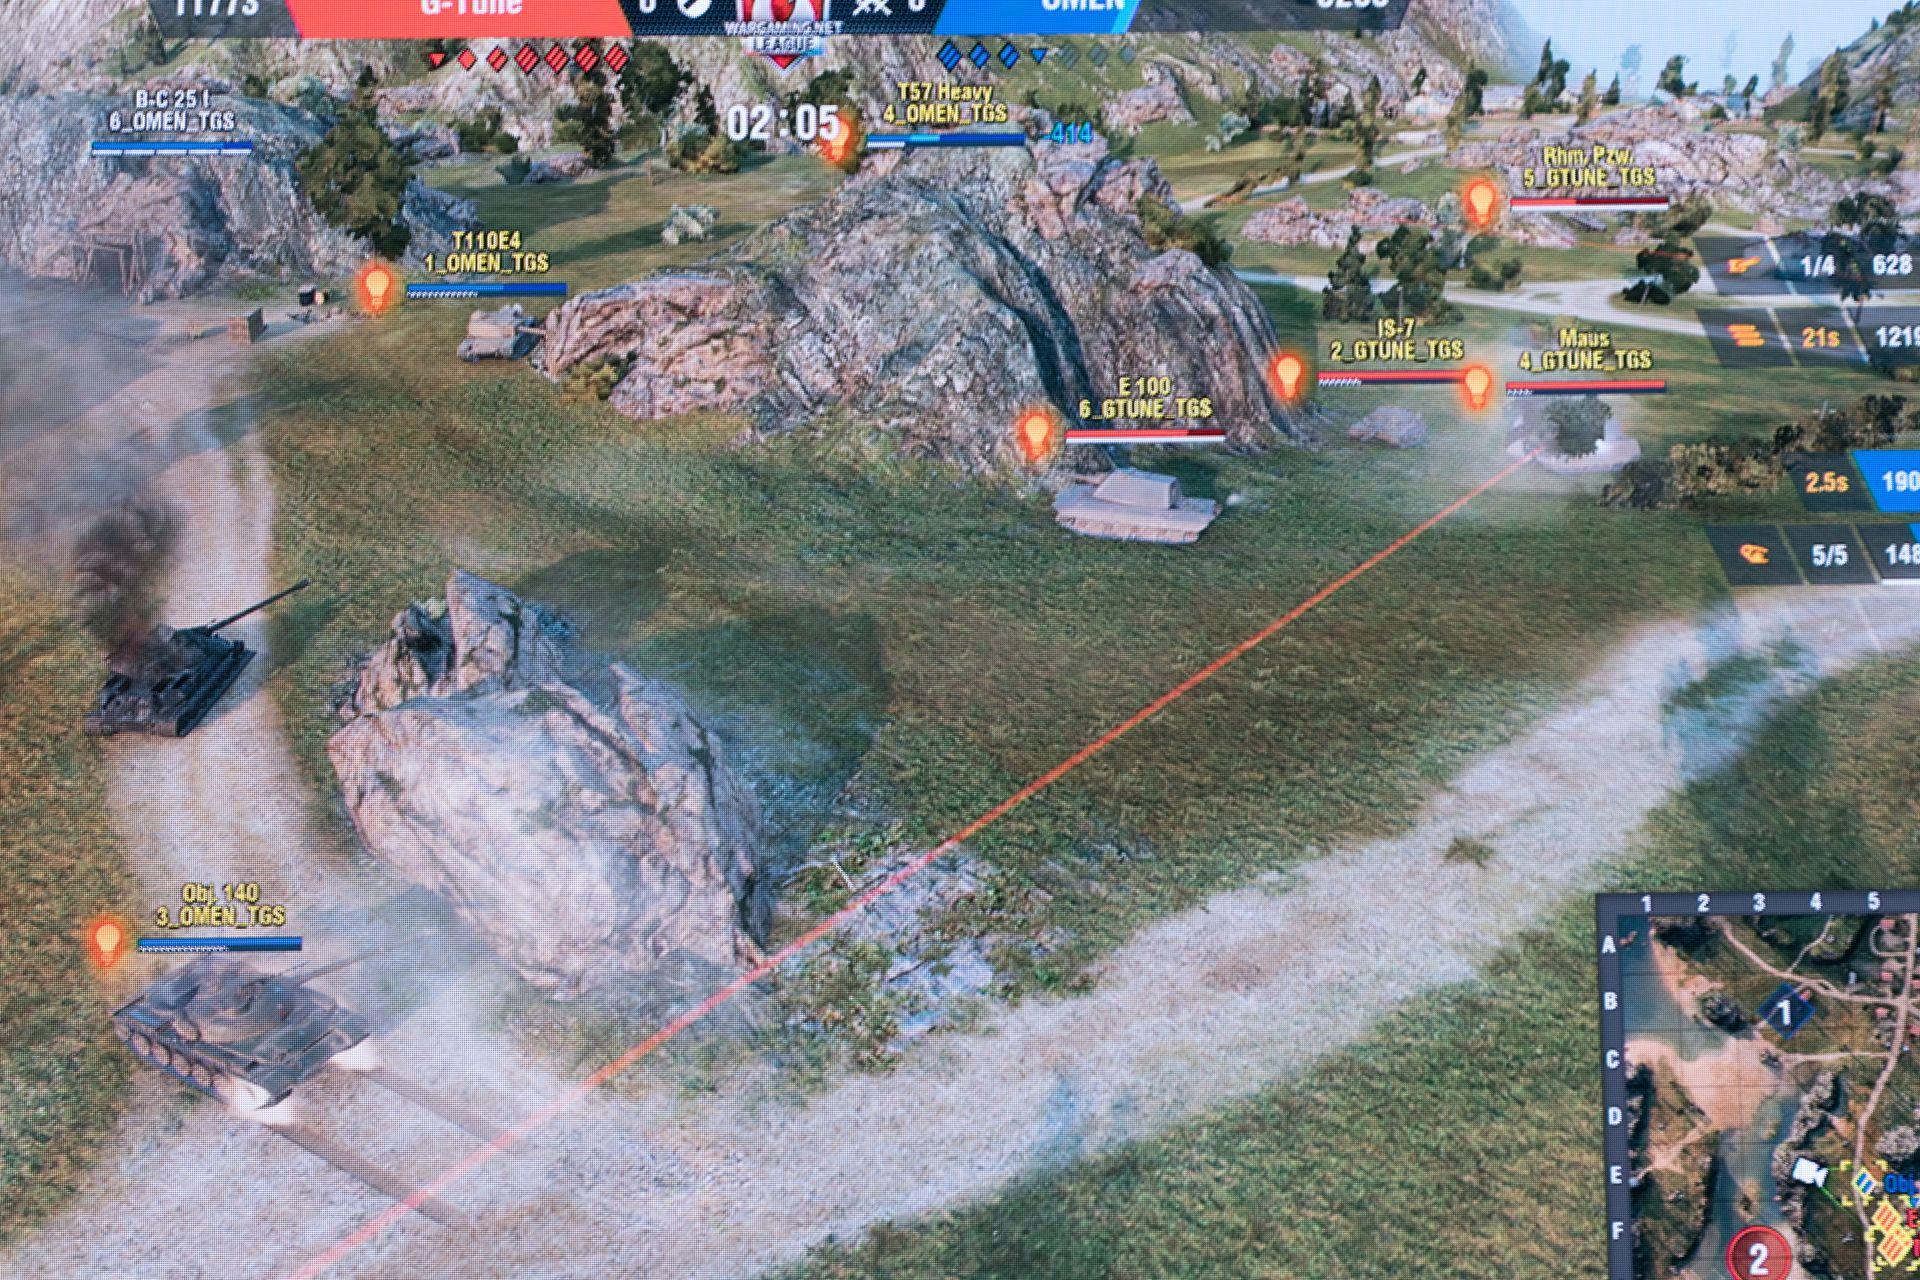 OMEN(手前)側が画面奥側の高台へ入ろうとしても、G-Tune側の重戦車3枚がそれを阻む。3台の機動も手慣れており、容易に隙を見せない